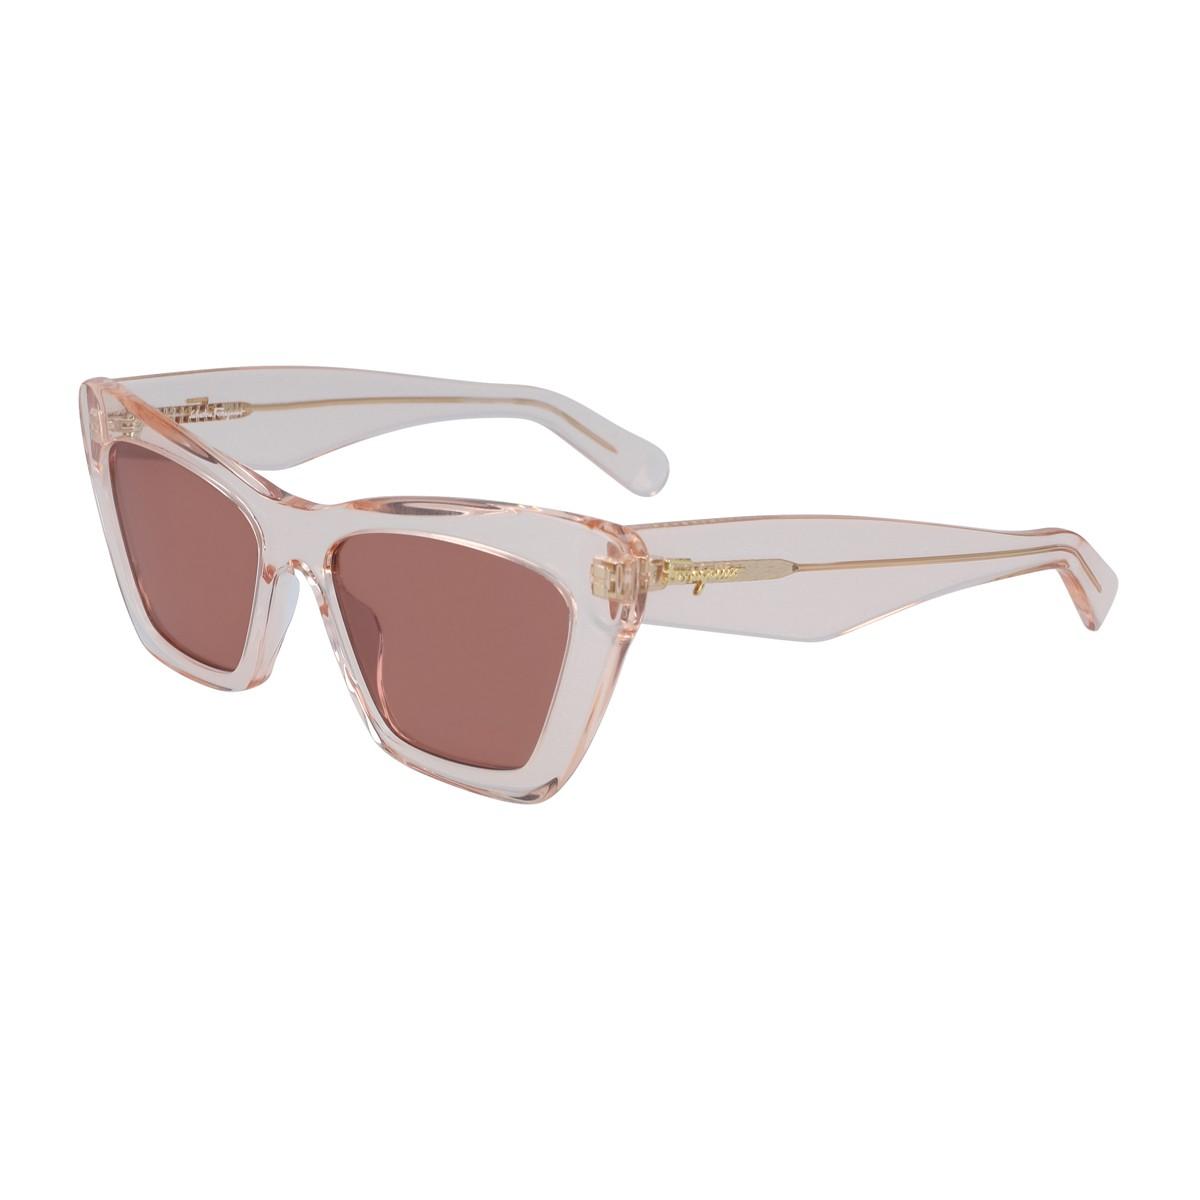 Salvatore Ferragamo SF929S | Women's sunglasses